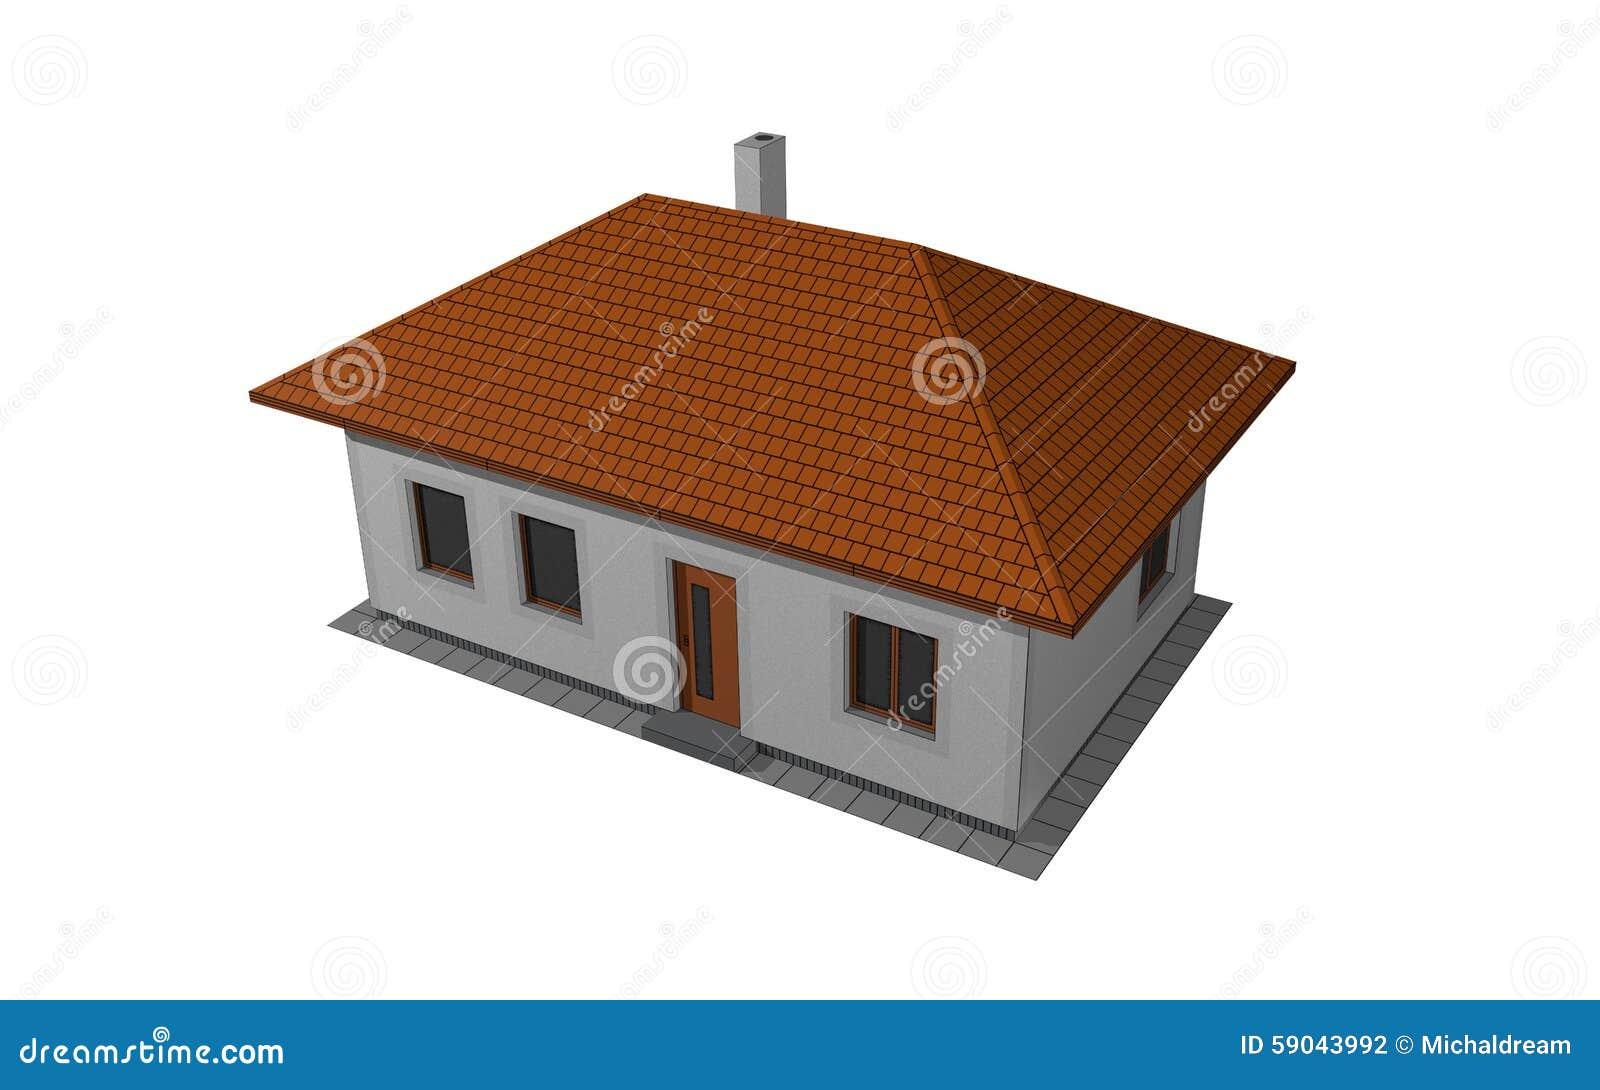 Haus dimensional